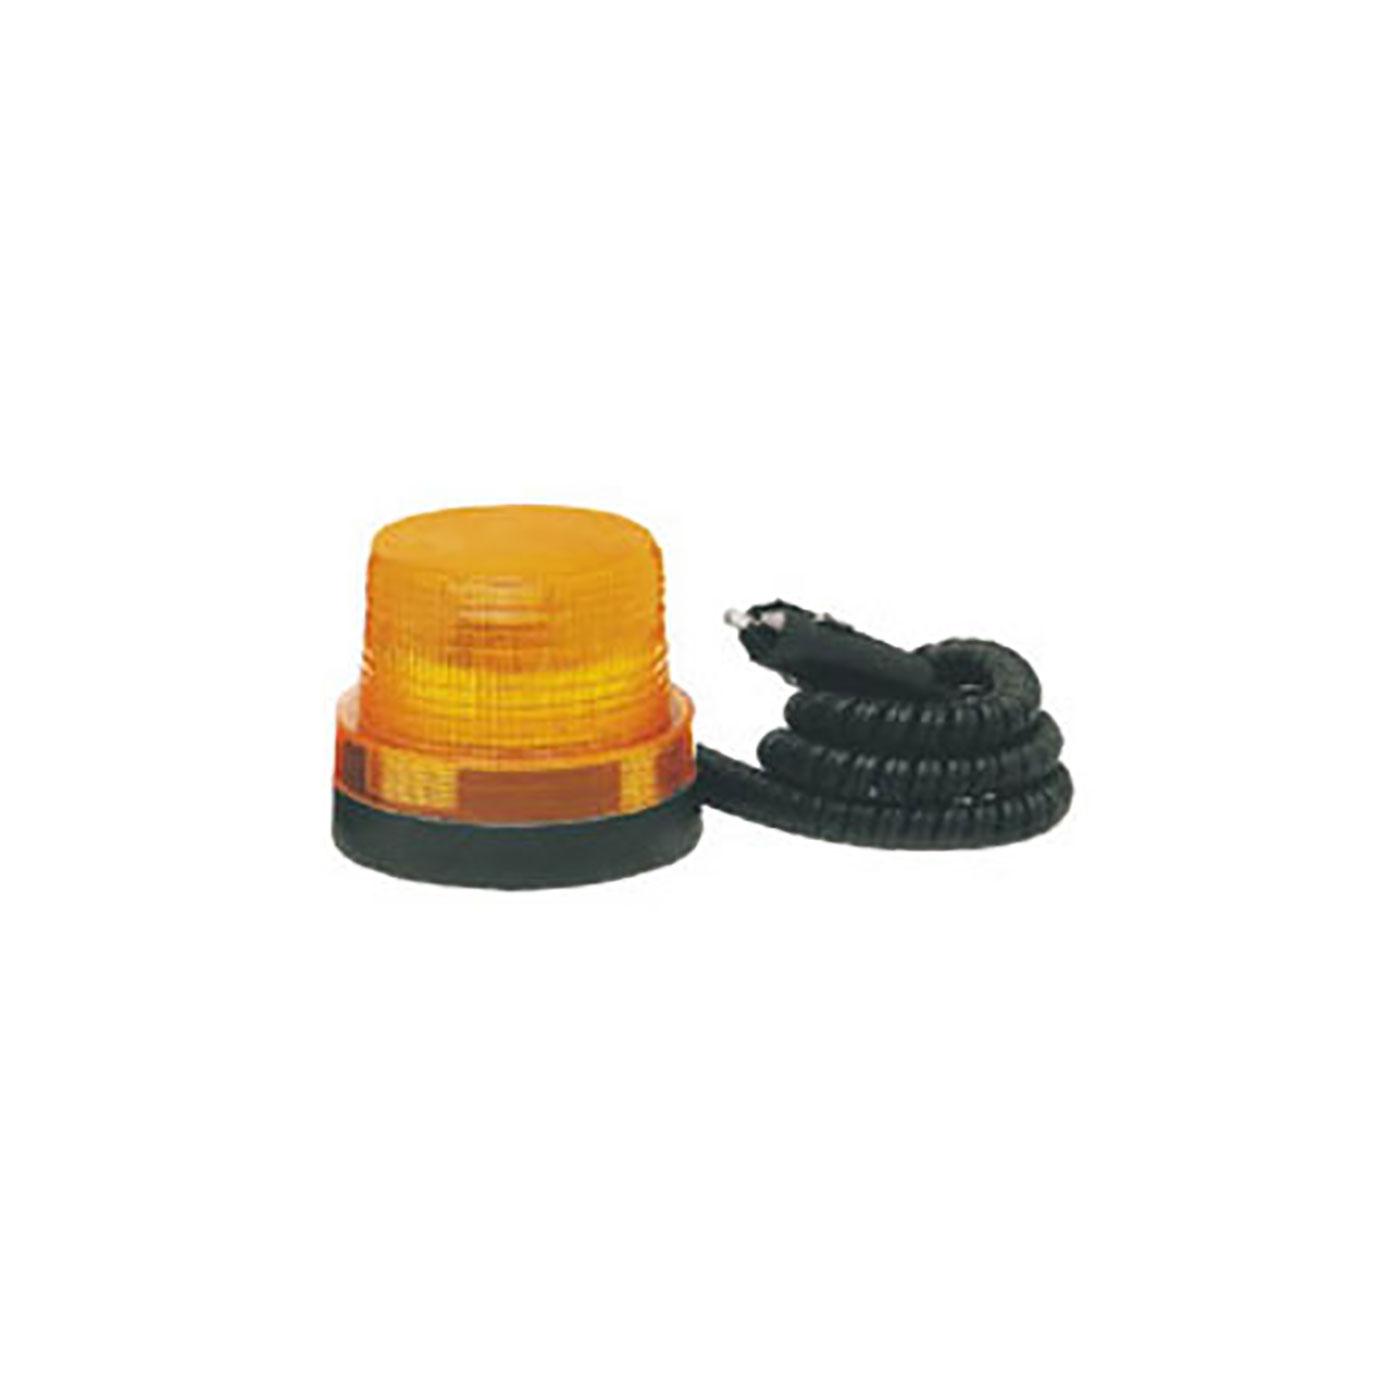 Magnetic Mount Mini Strobe Light (Amber)